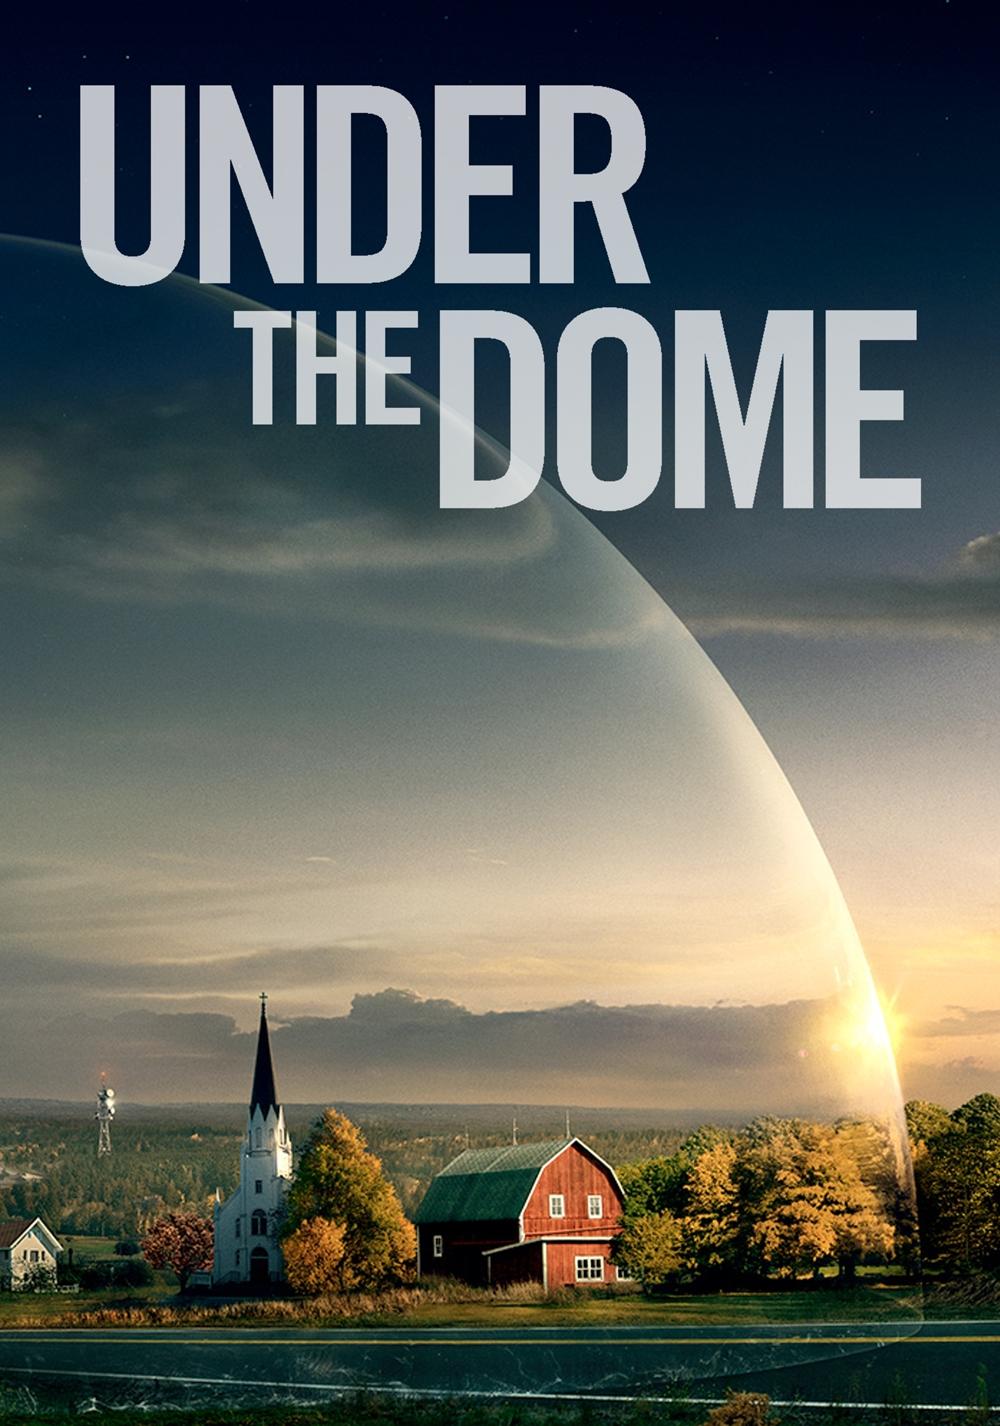 http://vignette2.wikia.nocookie.net/hauptseite/images/0/09/Under_the_Dome_Poster.jpg/revision/latest?cb=20140901094915&path-prefix=de